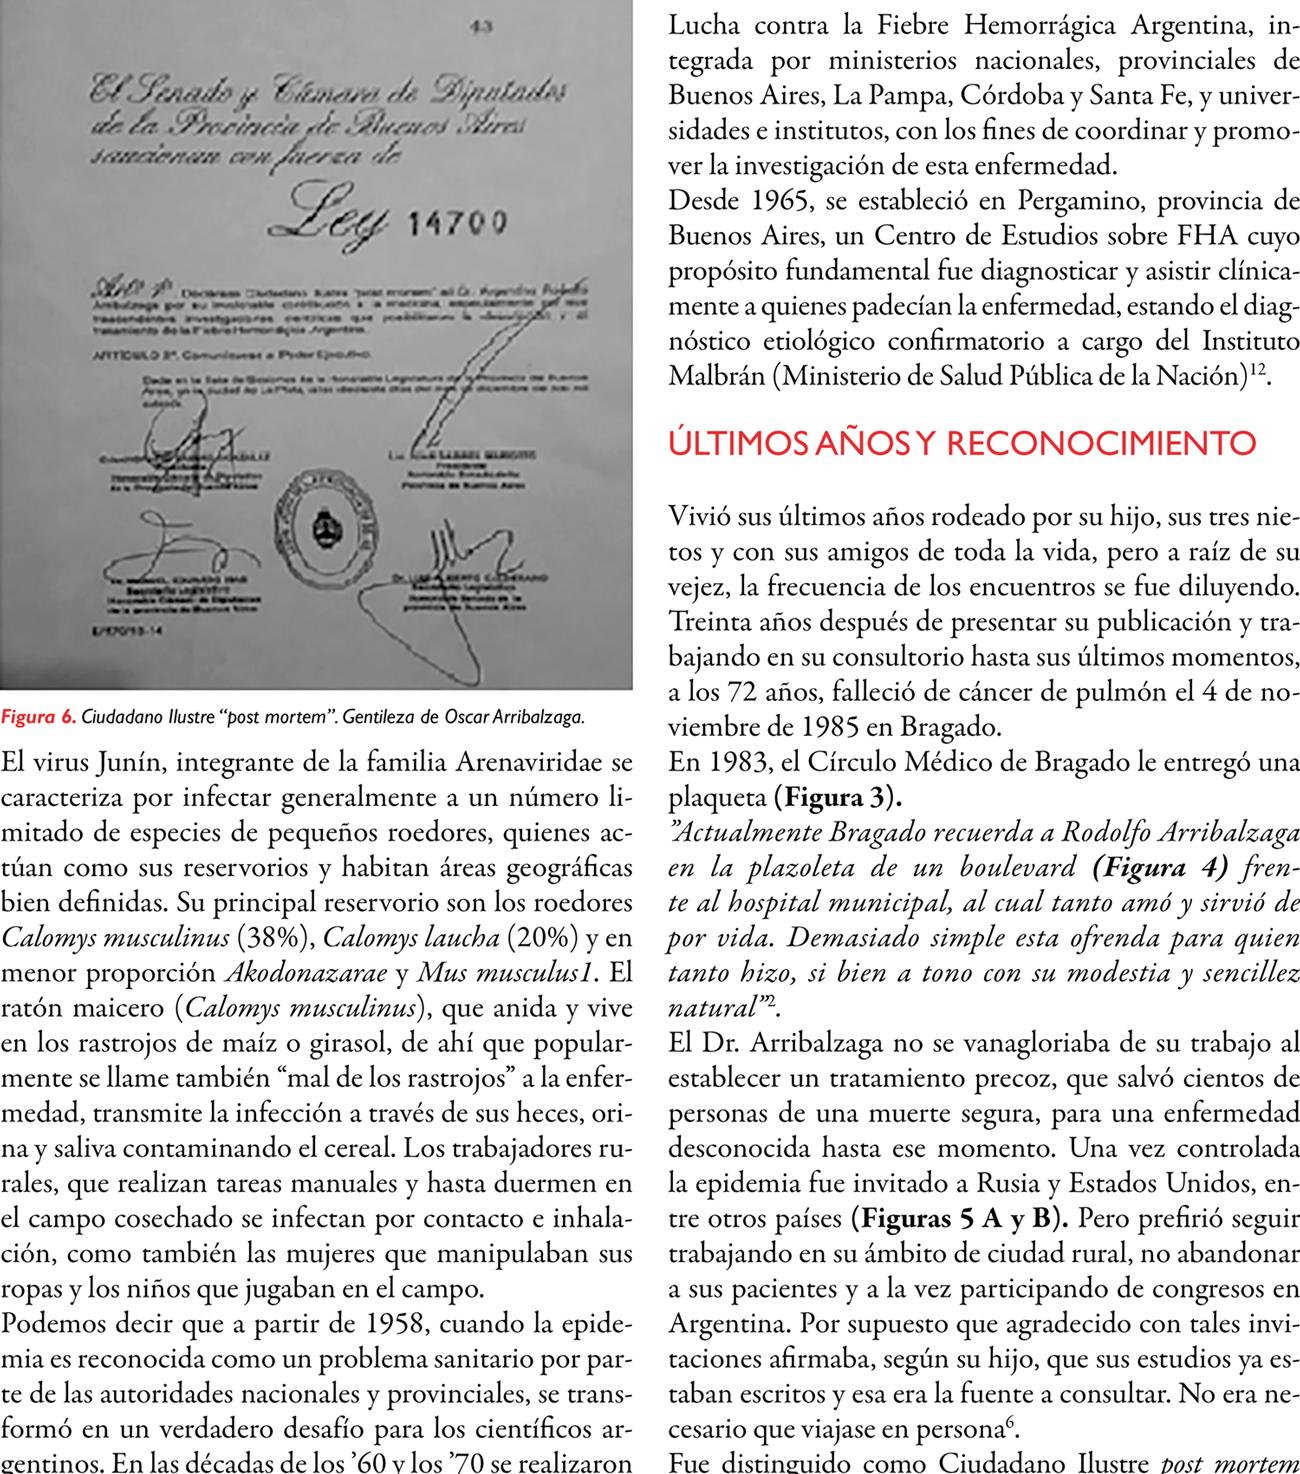 Argentino Rodolfo Arribalzaga (1913-1985) y la primera descripción de la fiebre hemorrágica argentina